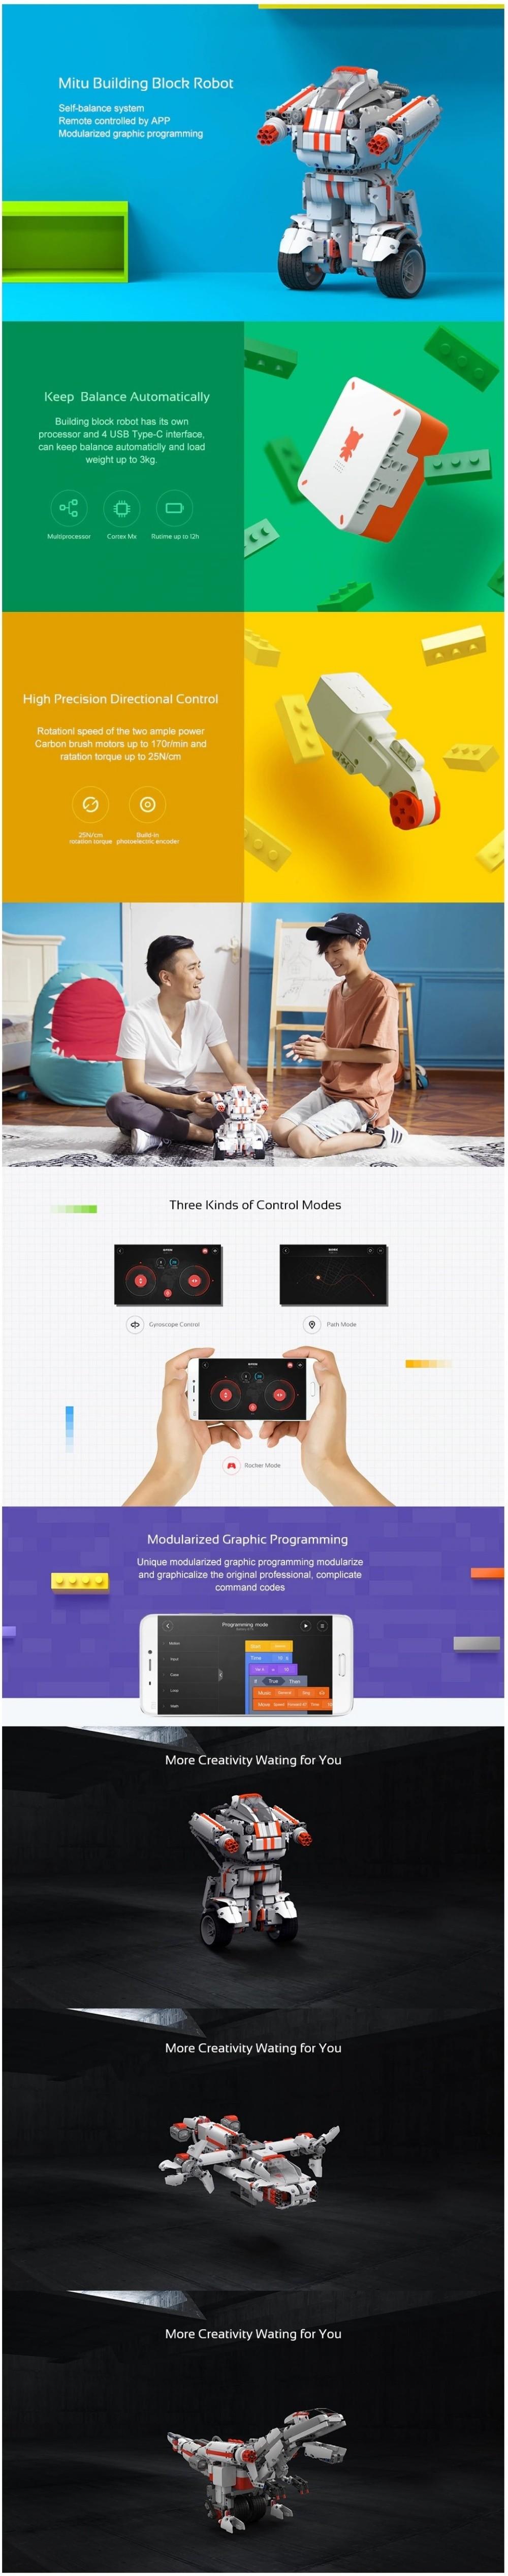 Xiaomi-Mitu-Building-Block19425960dc53f838.jpg